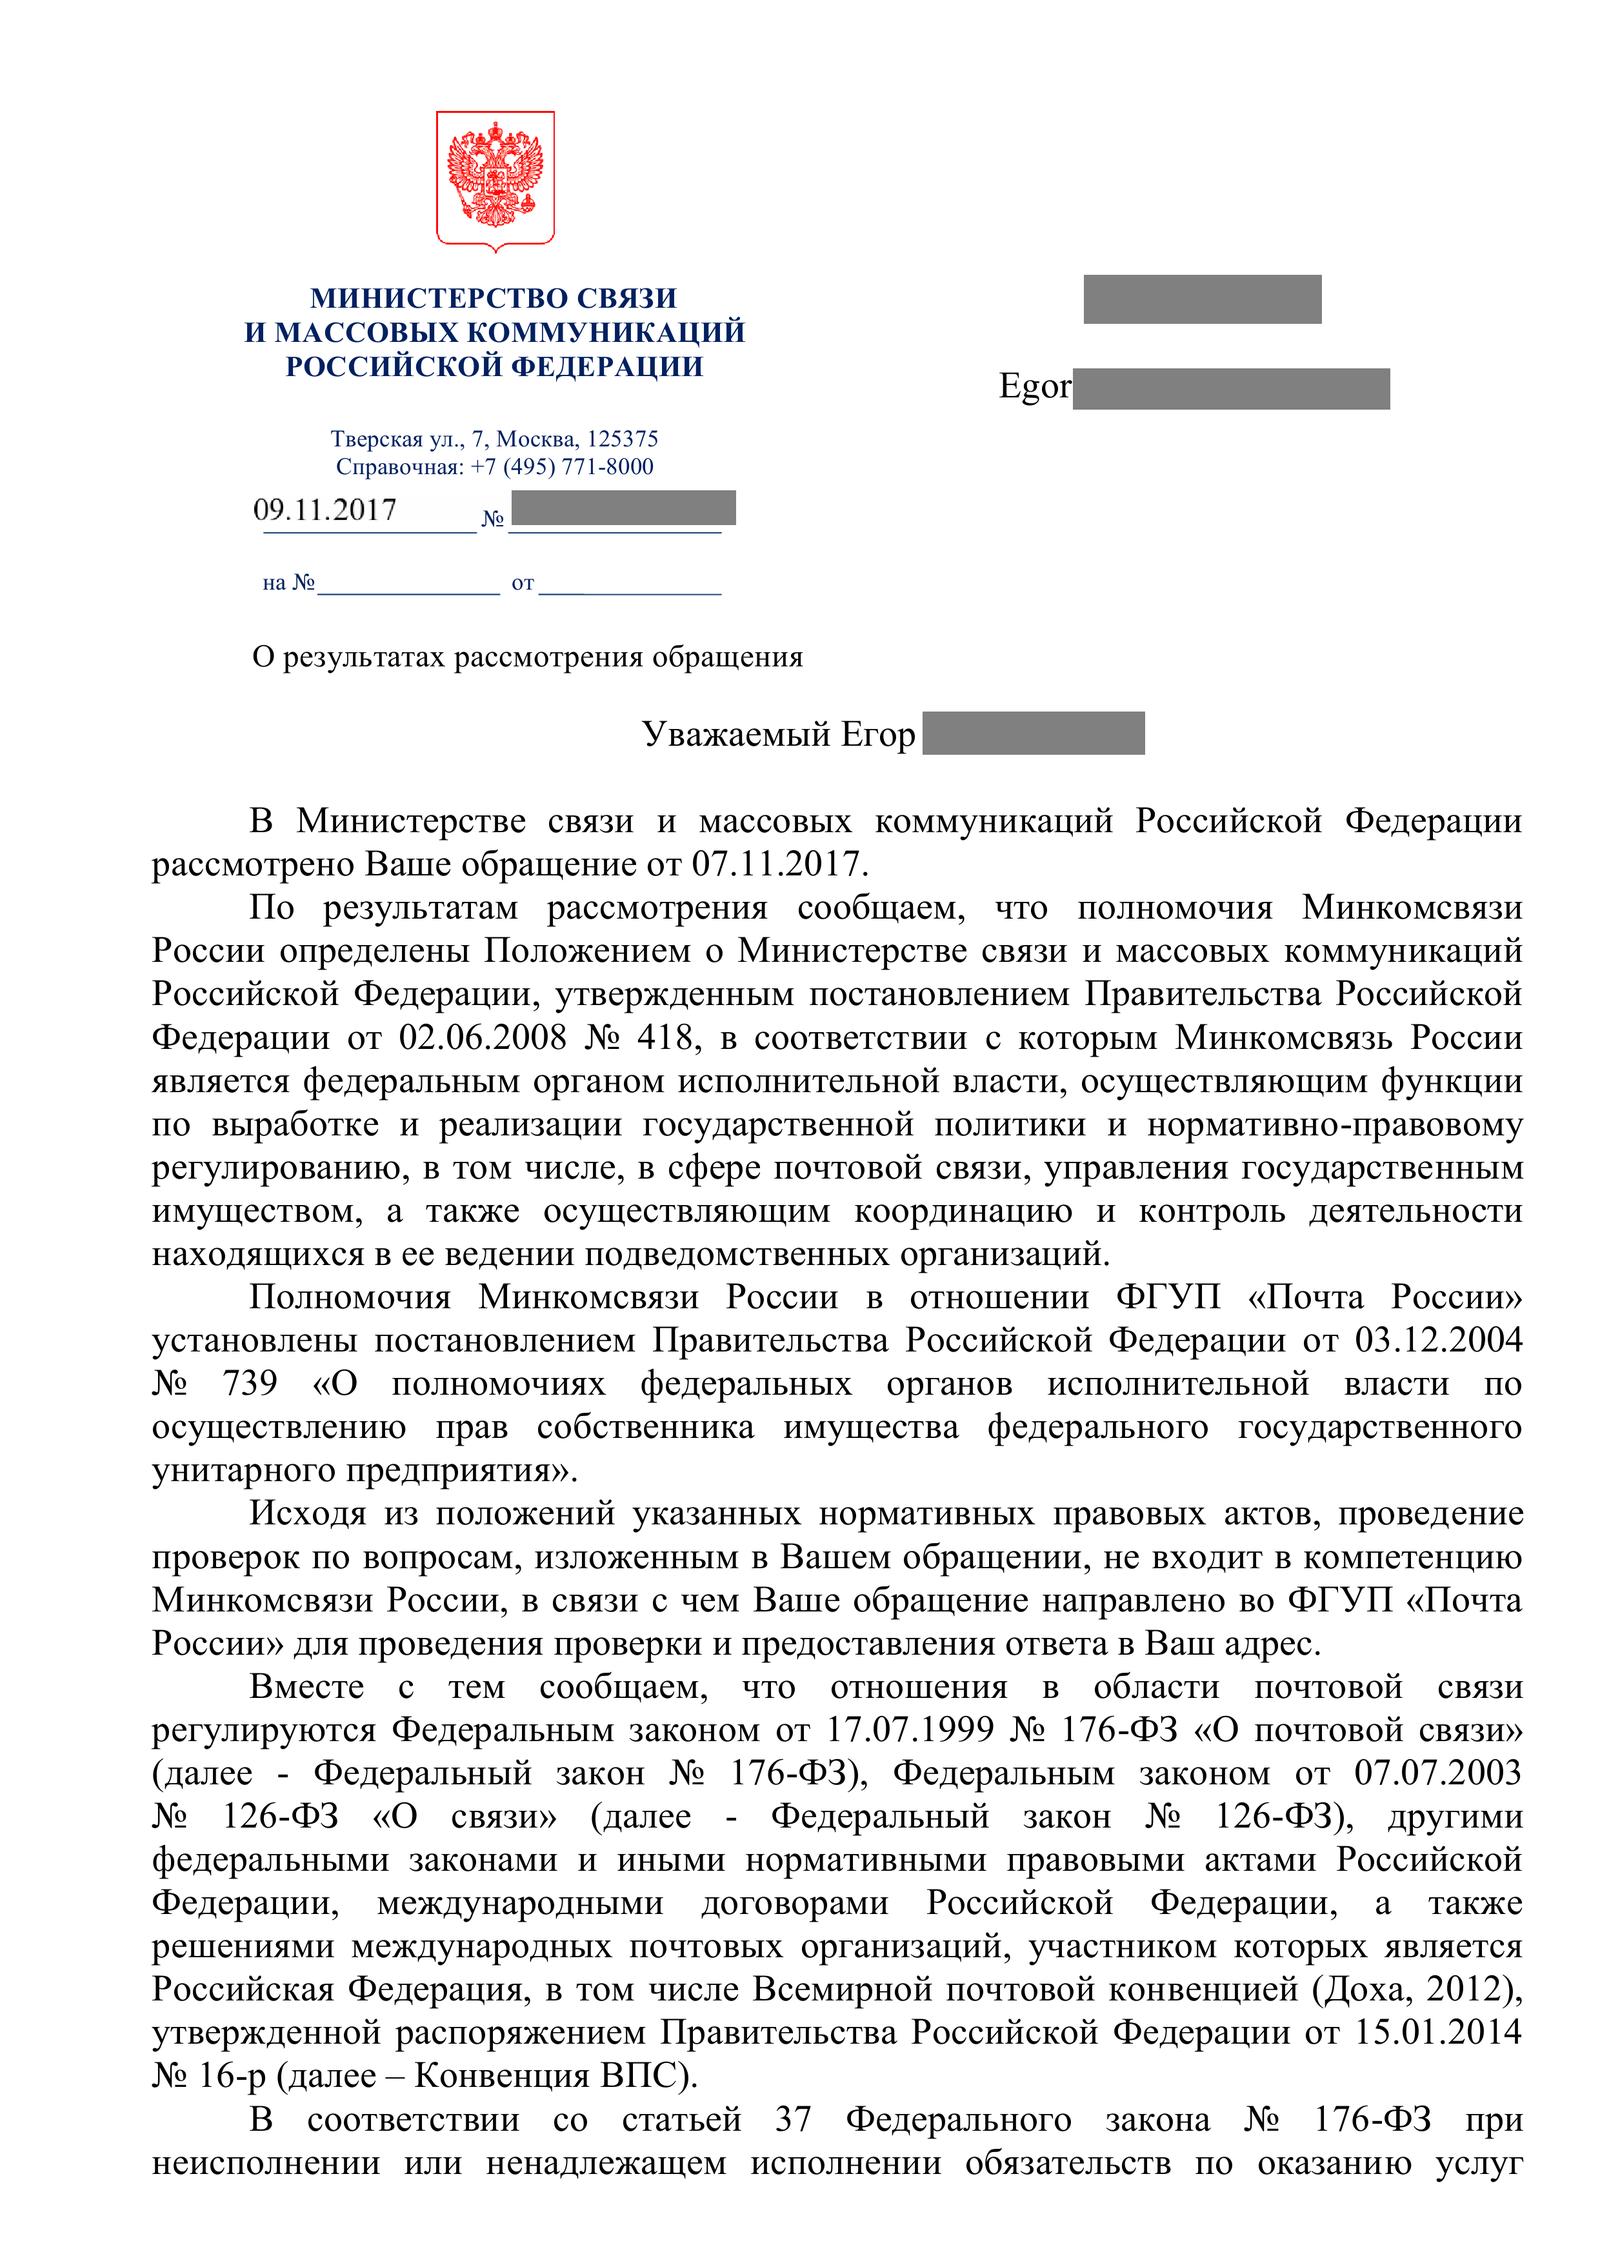 Составление претензии по договору поставки